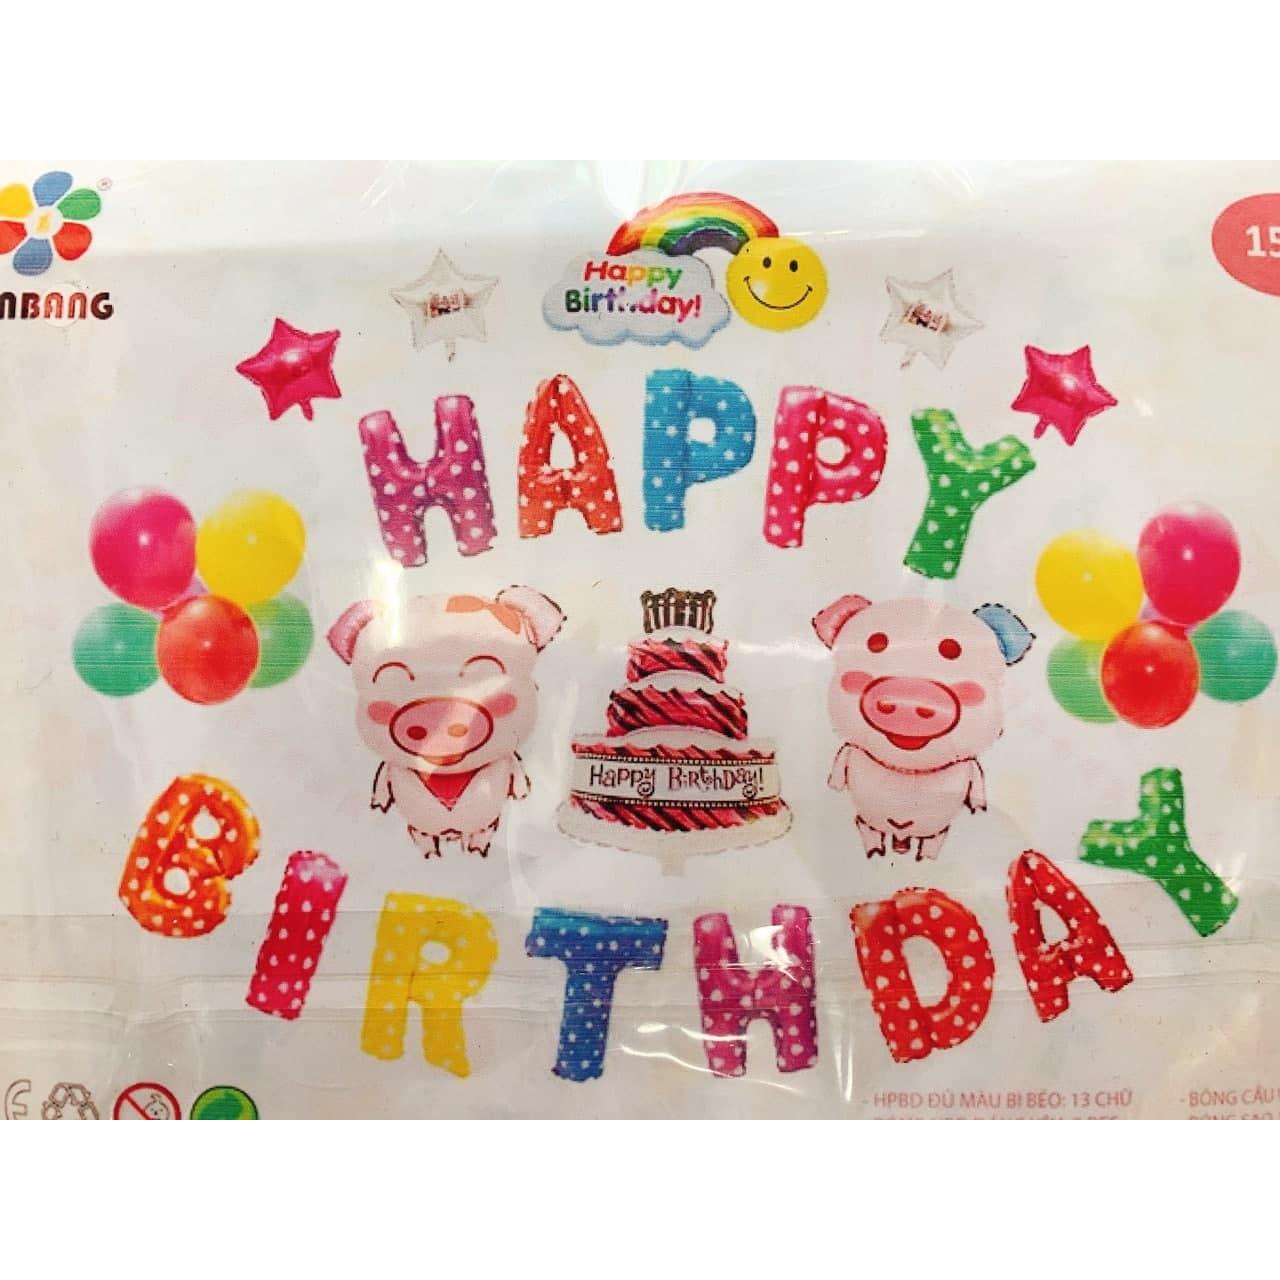 Set bóng kiếng happy birthday cho bé gái tuổi heo